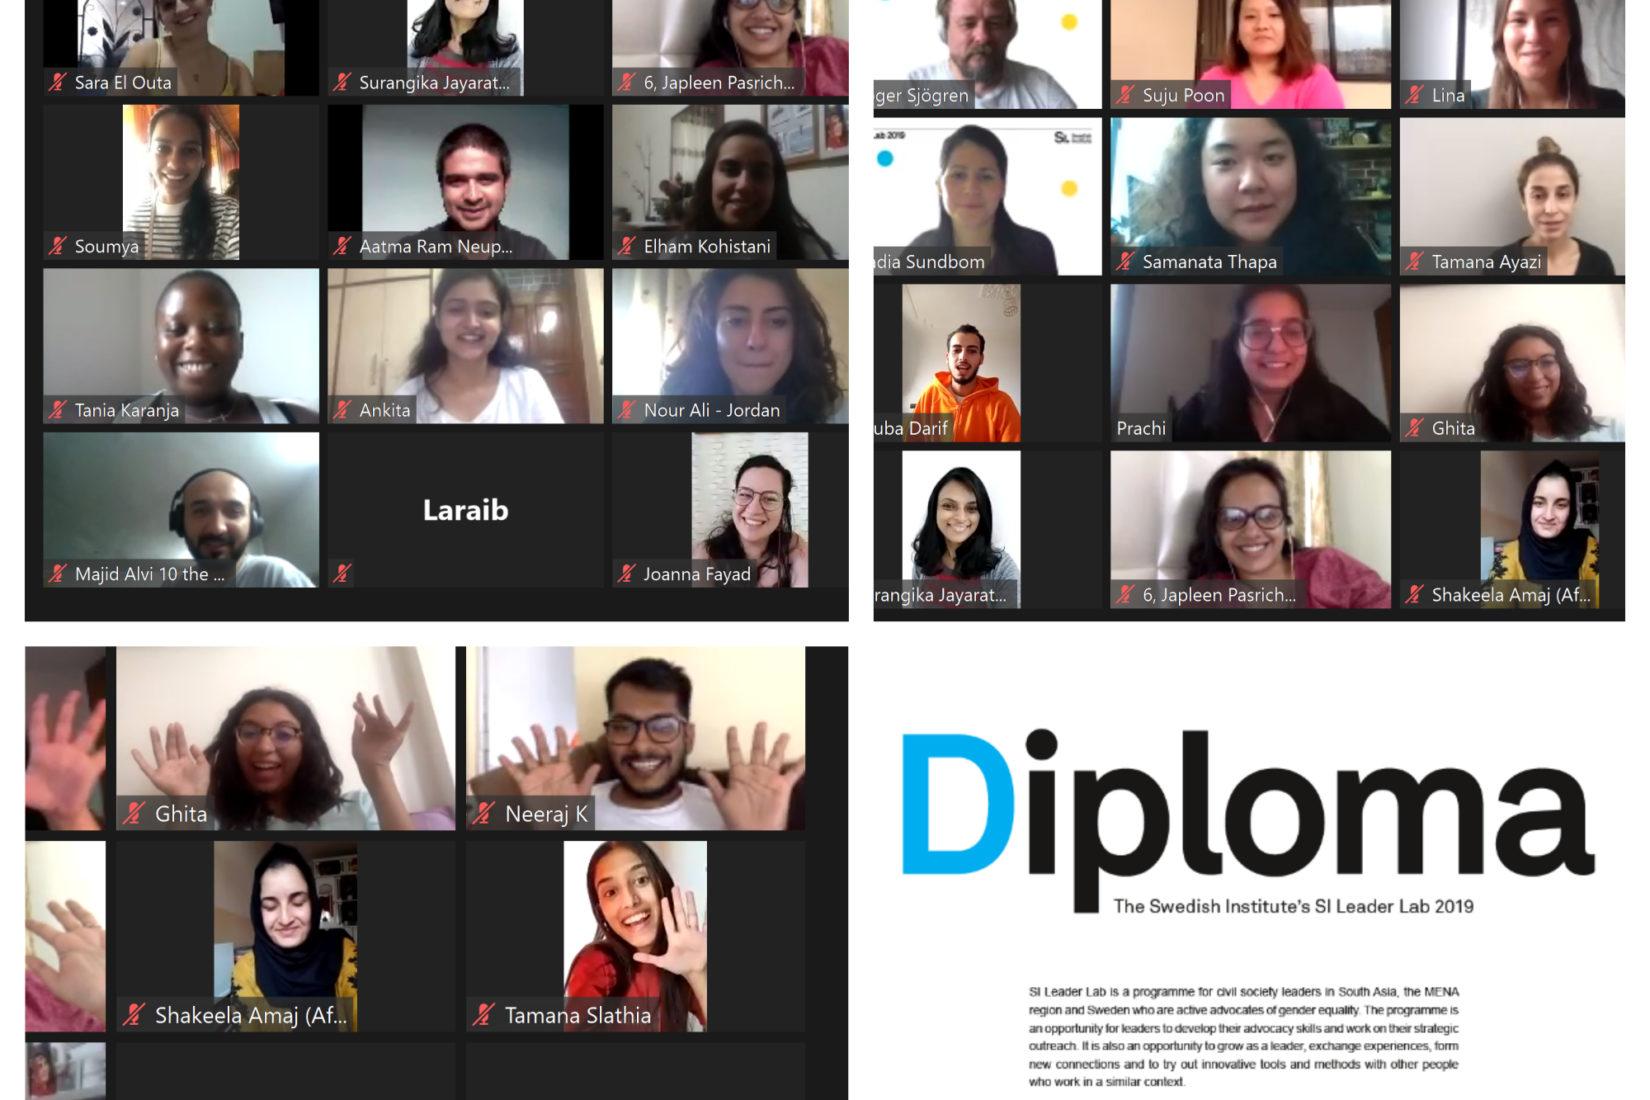 Bildkollage som föreställer personer som deltar i ett videomöte.